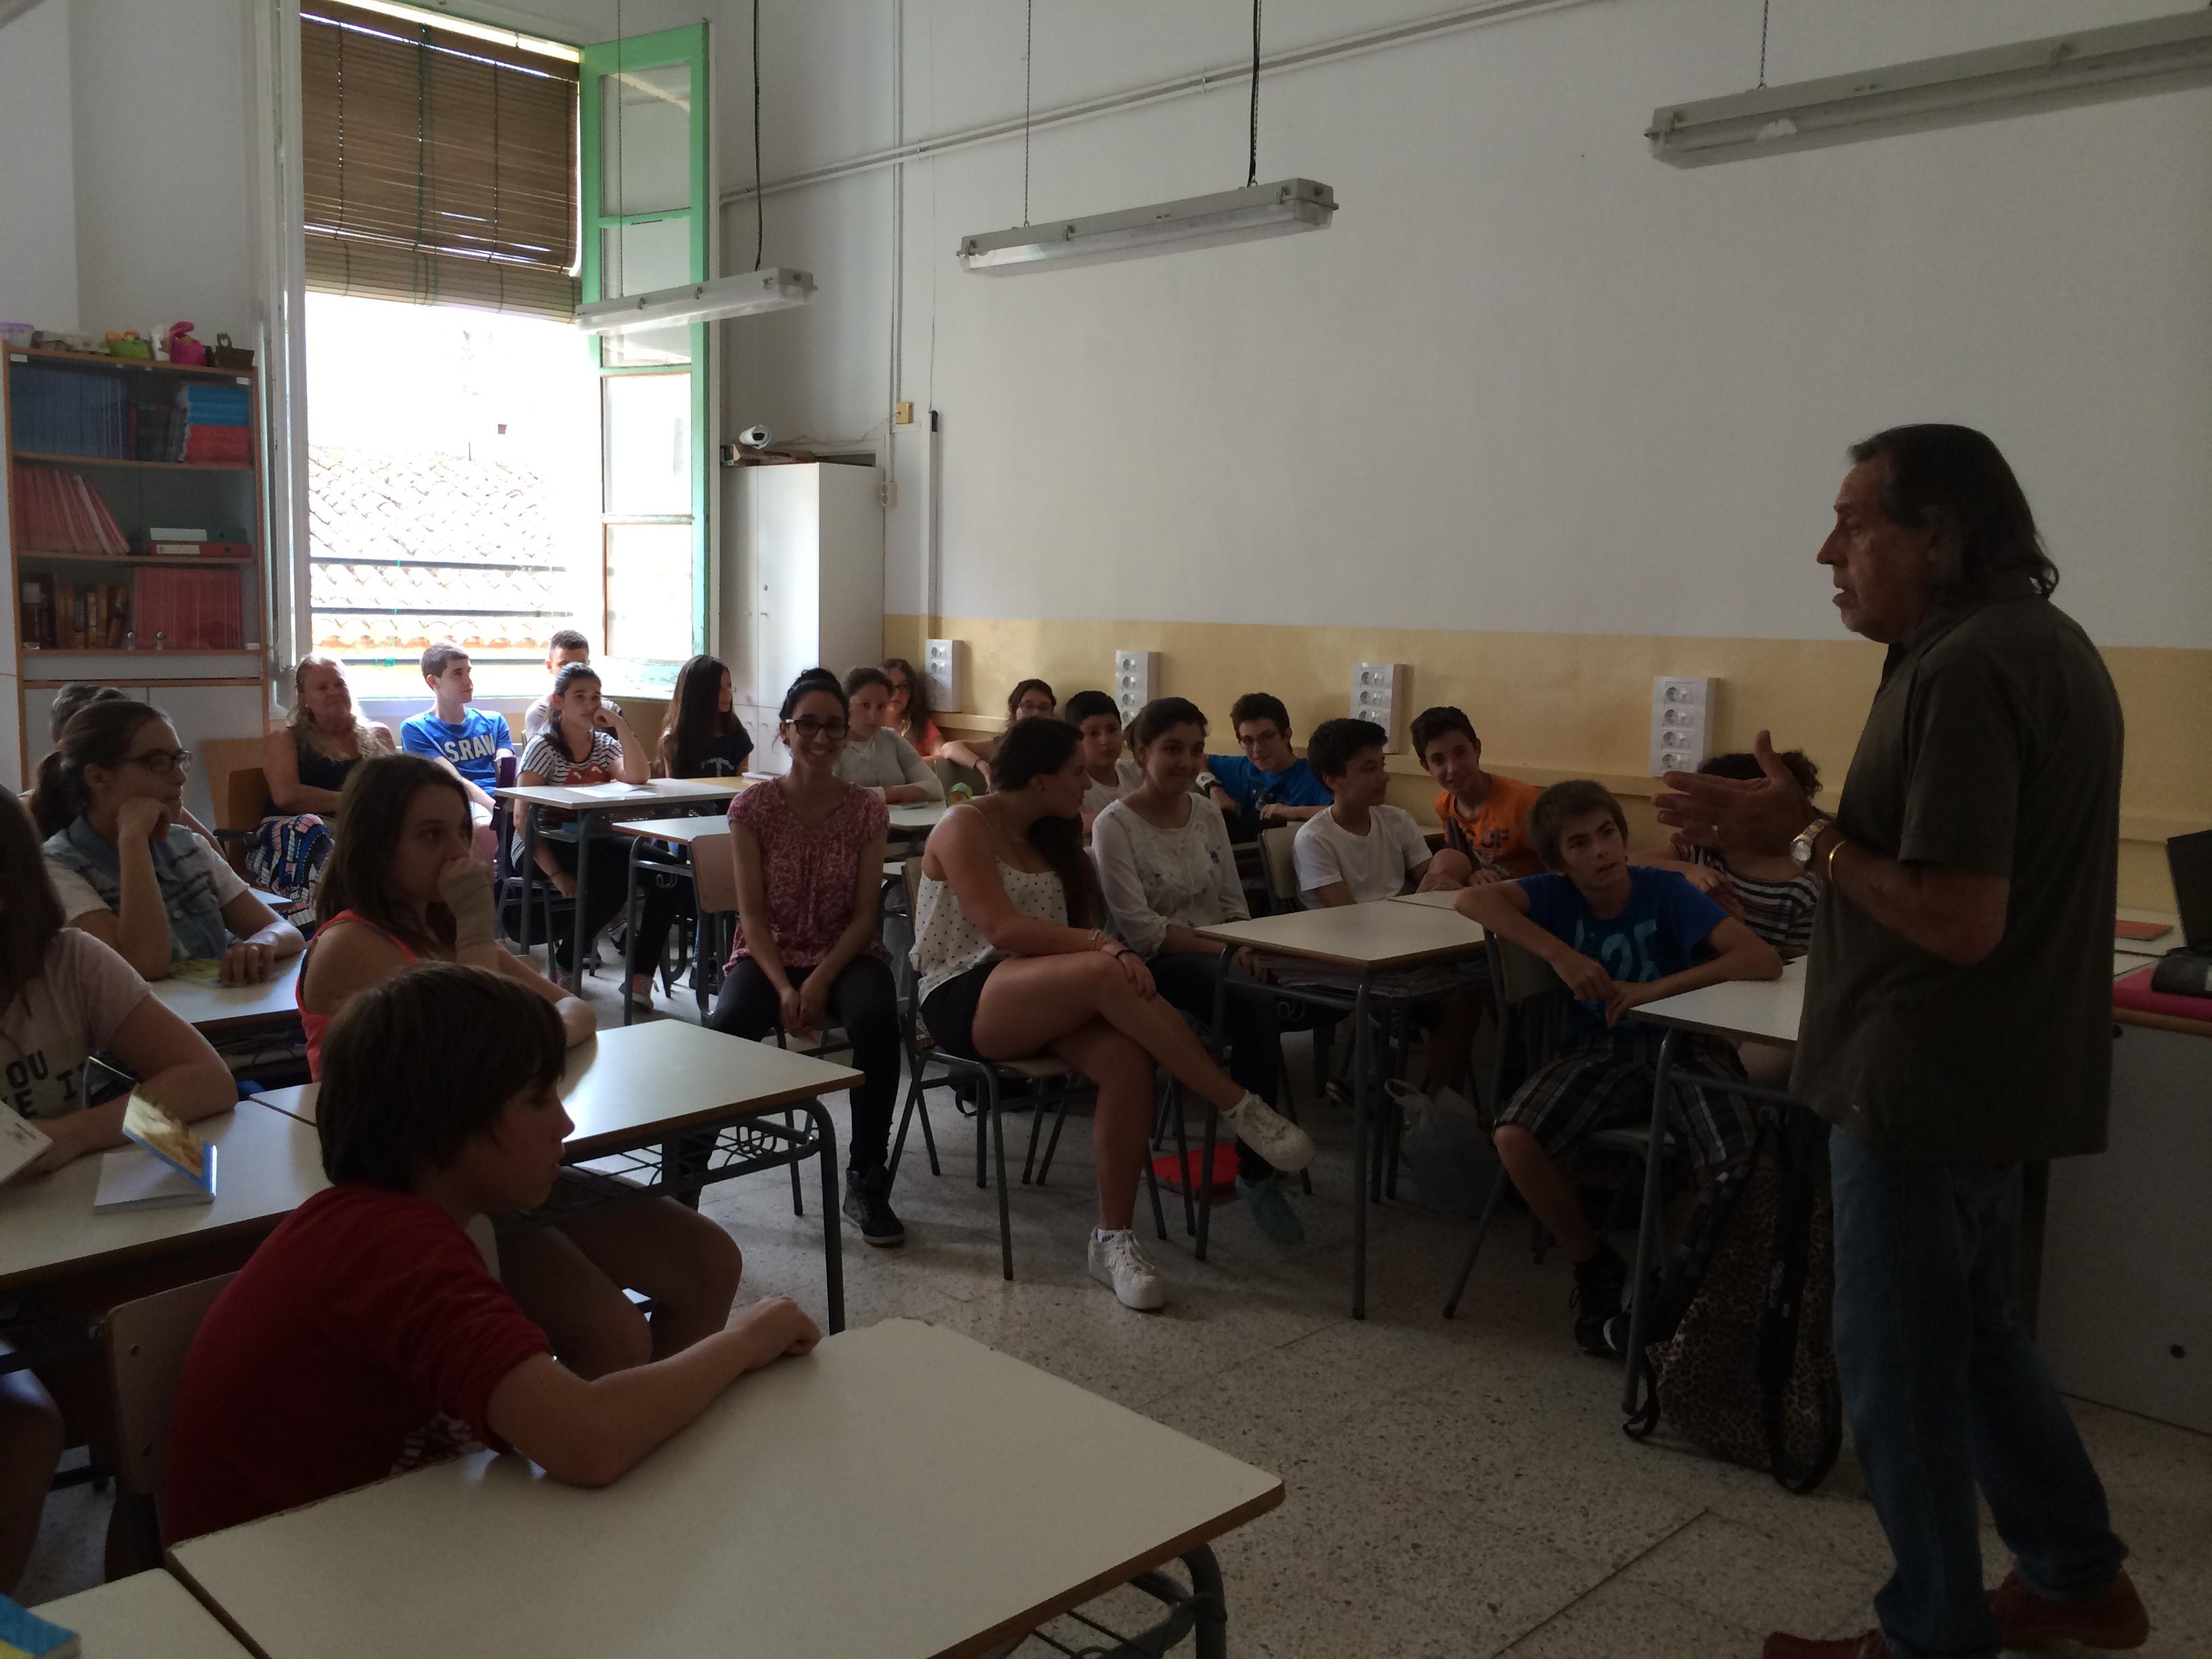 2014-06-06 y 17 Escriptors - Miquel A. 1r ESO